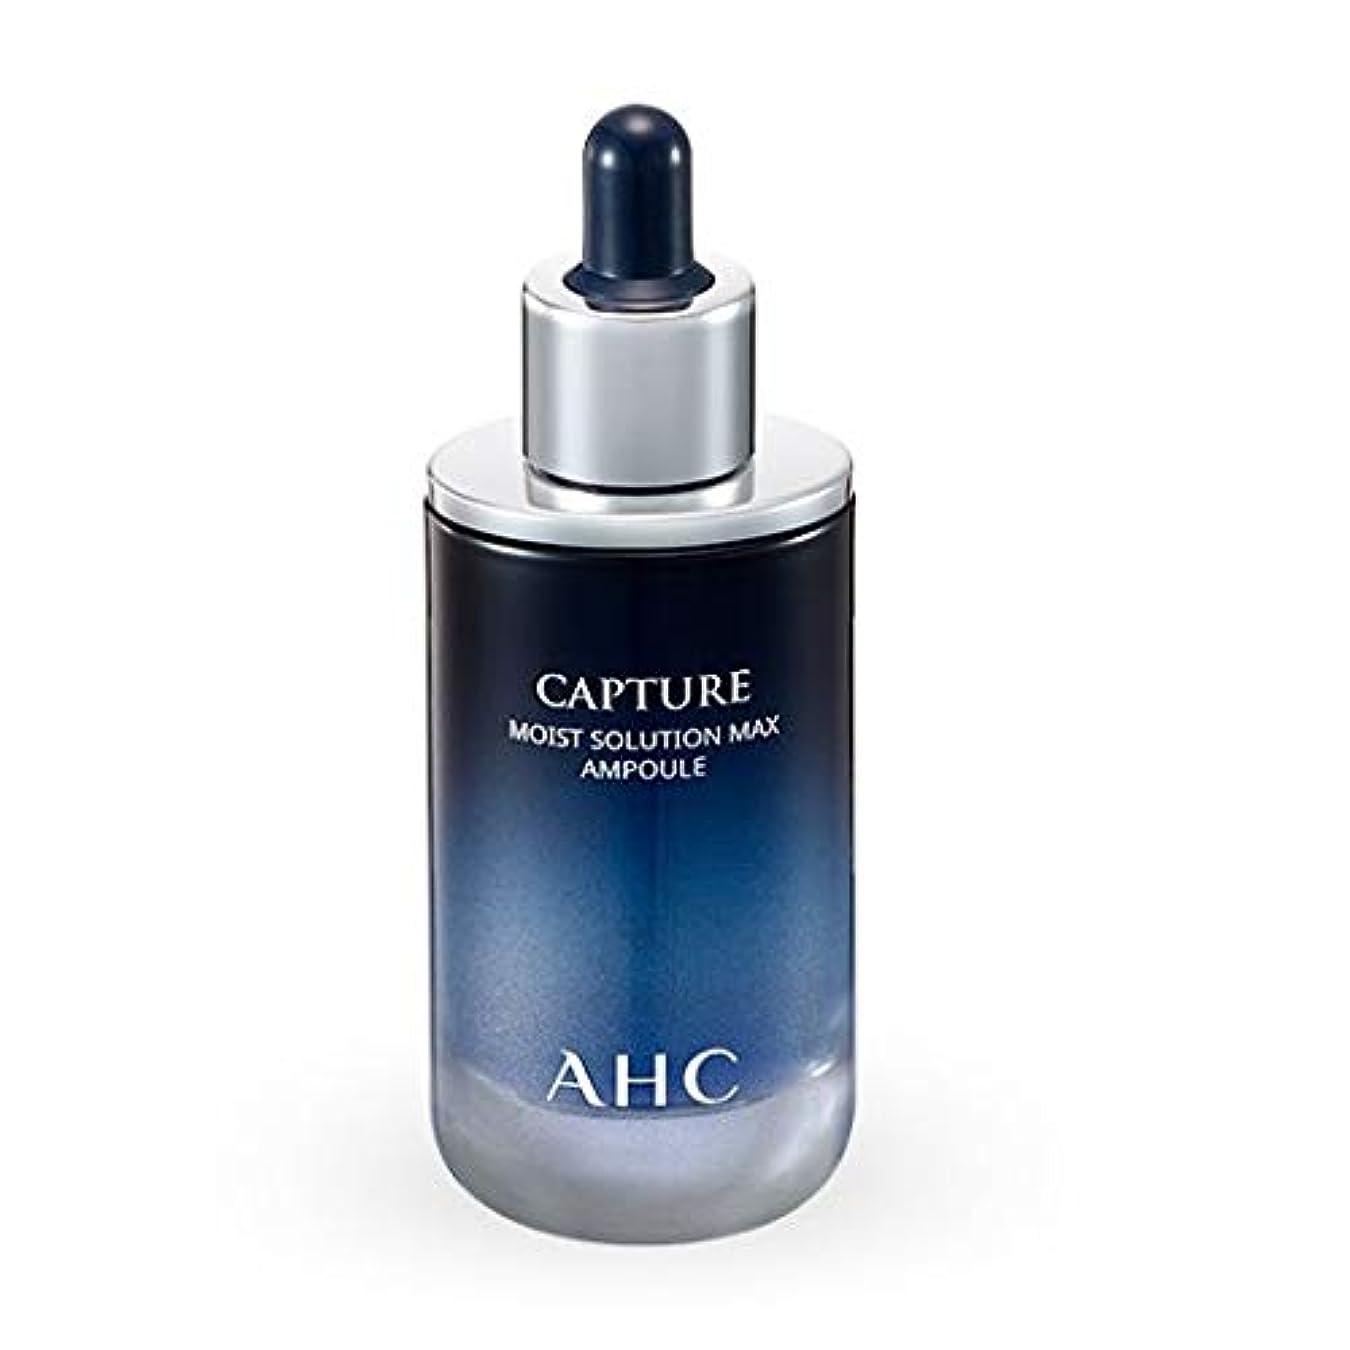 伝記不均一航空機AHC Capture Moist Solution Max Ampoule/キャプチャー モイスト ソリューション マックス アンプル 50ml [並行輸入品]